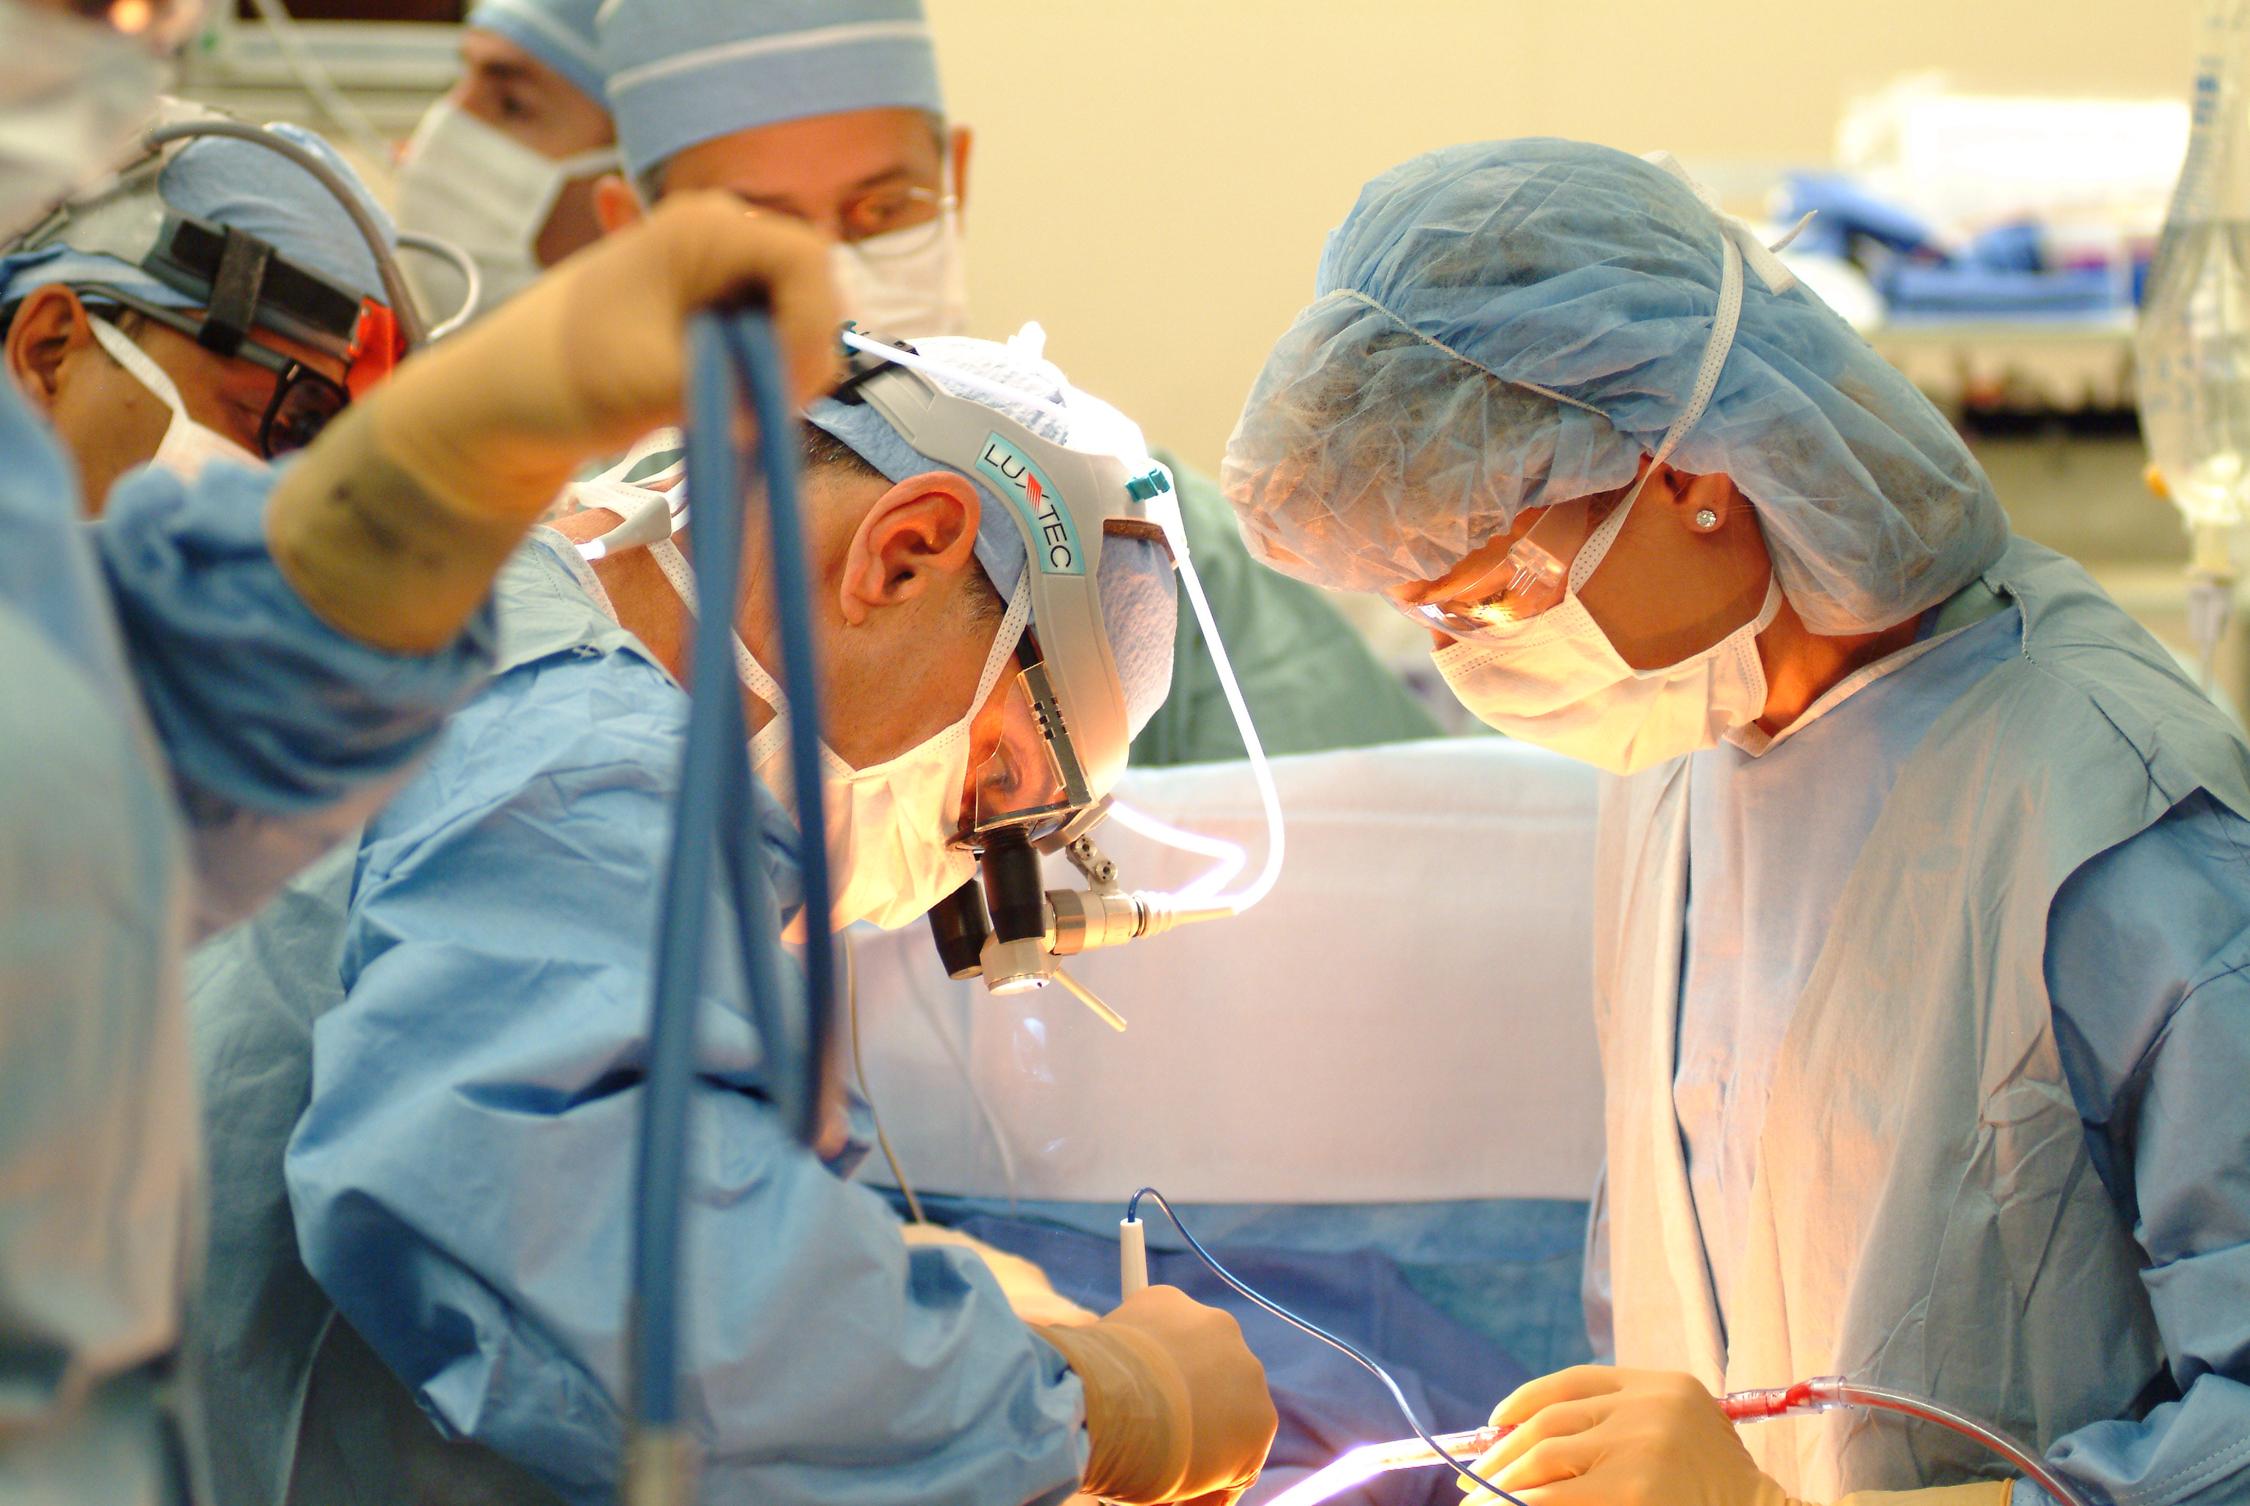 Baiatul bolnav de cancer a fost operat. Custodia tatalui, anulata temporar